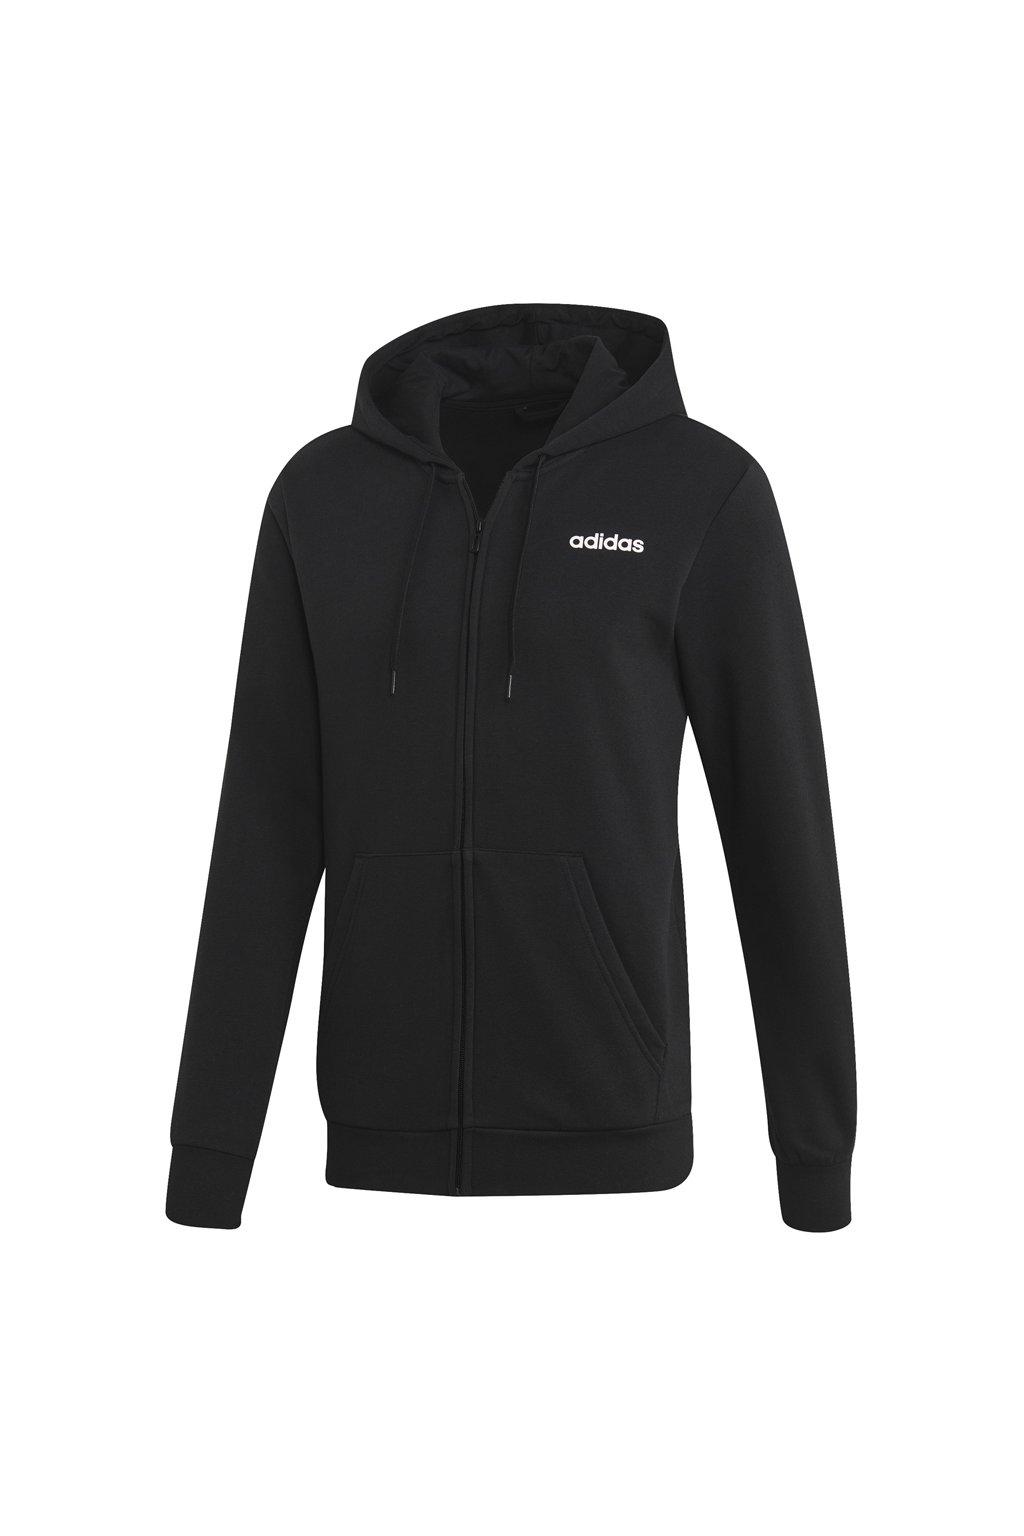 Pánska mikina Adidas Essentials Linear FZ FL / čierna EI9821